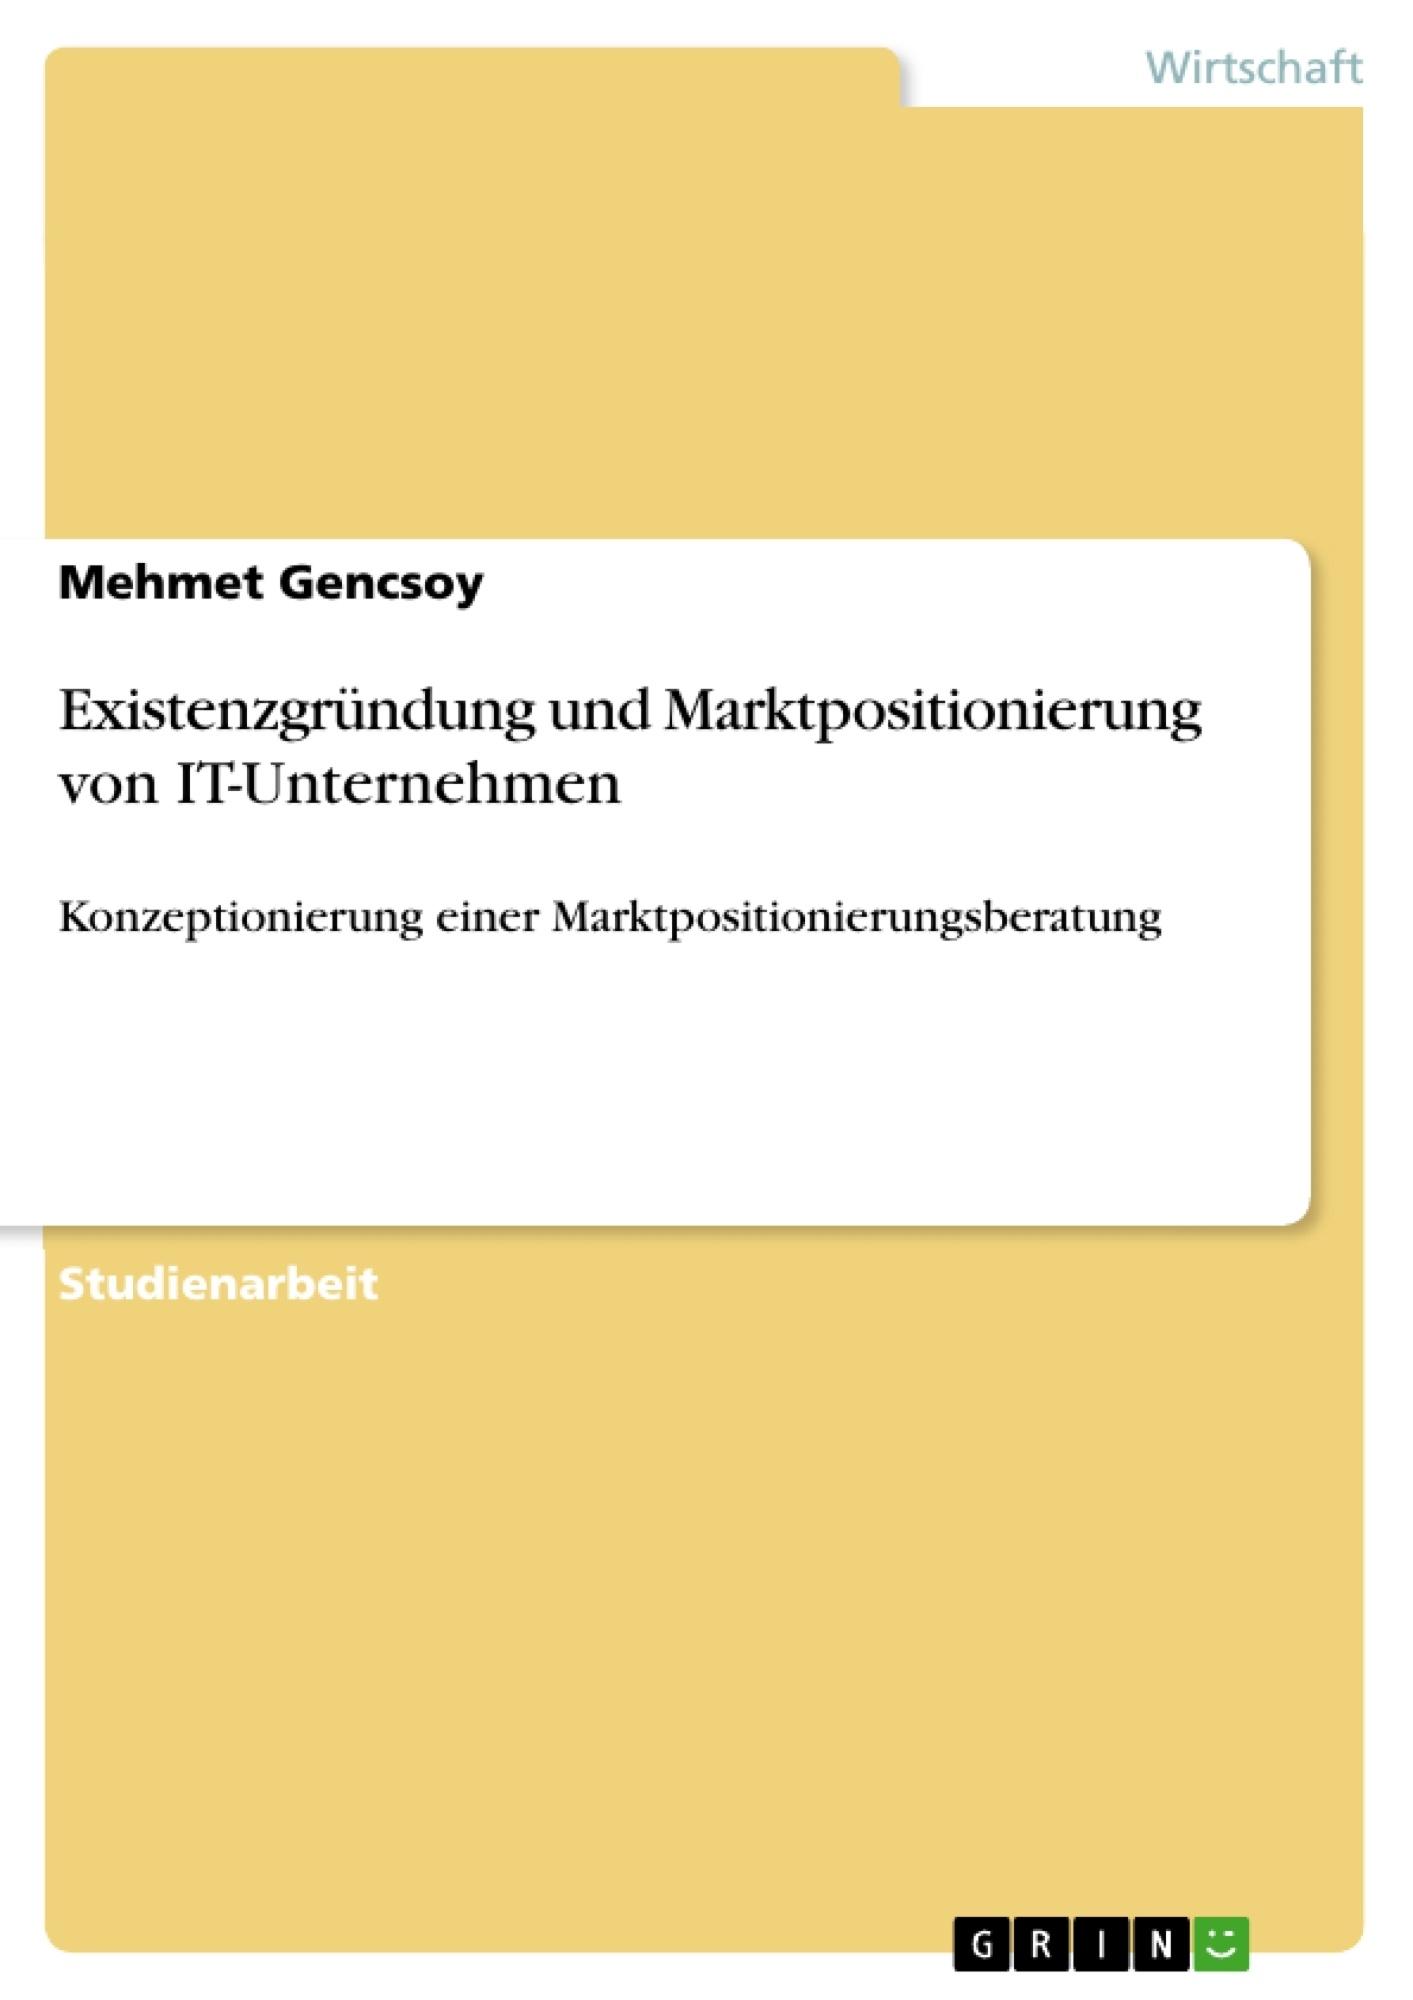 Titel: Existenzgründung und Marktpositionierung von IT-Unternehmen